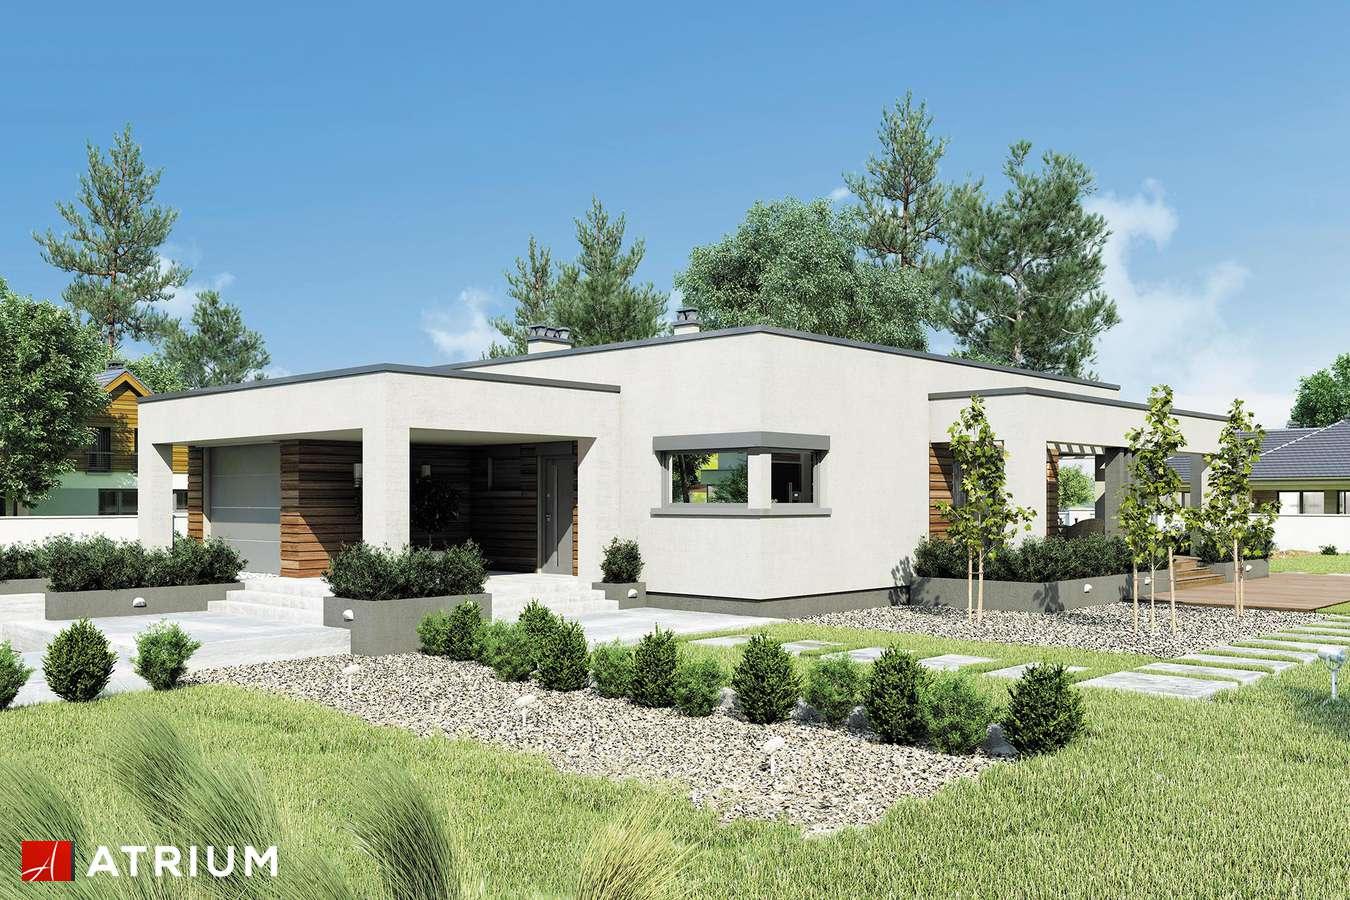 Projekty domów - Projekt domu parterowego SARDYNIA II SZ - wizualizacja 1 - wersja lustrzana